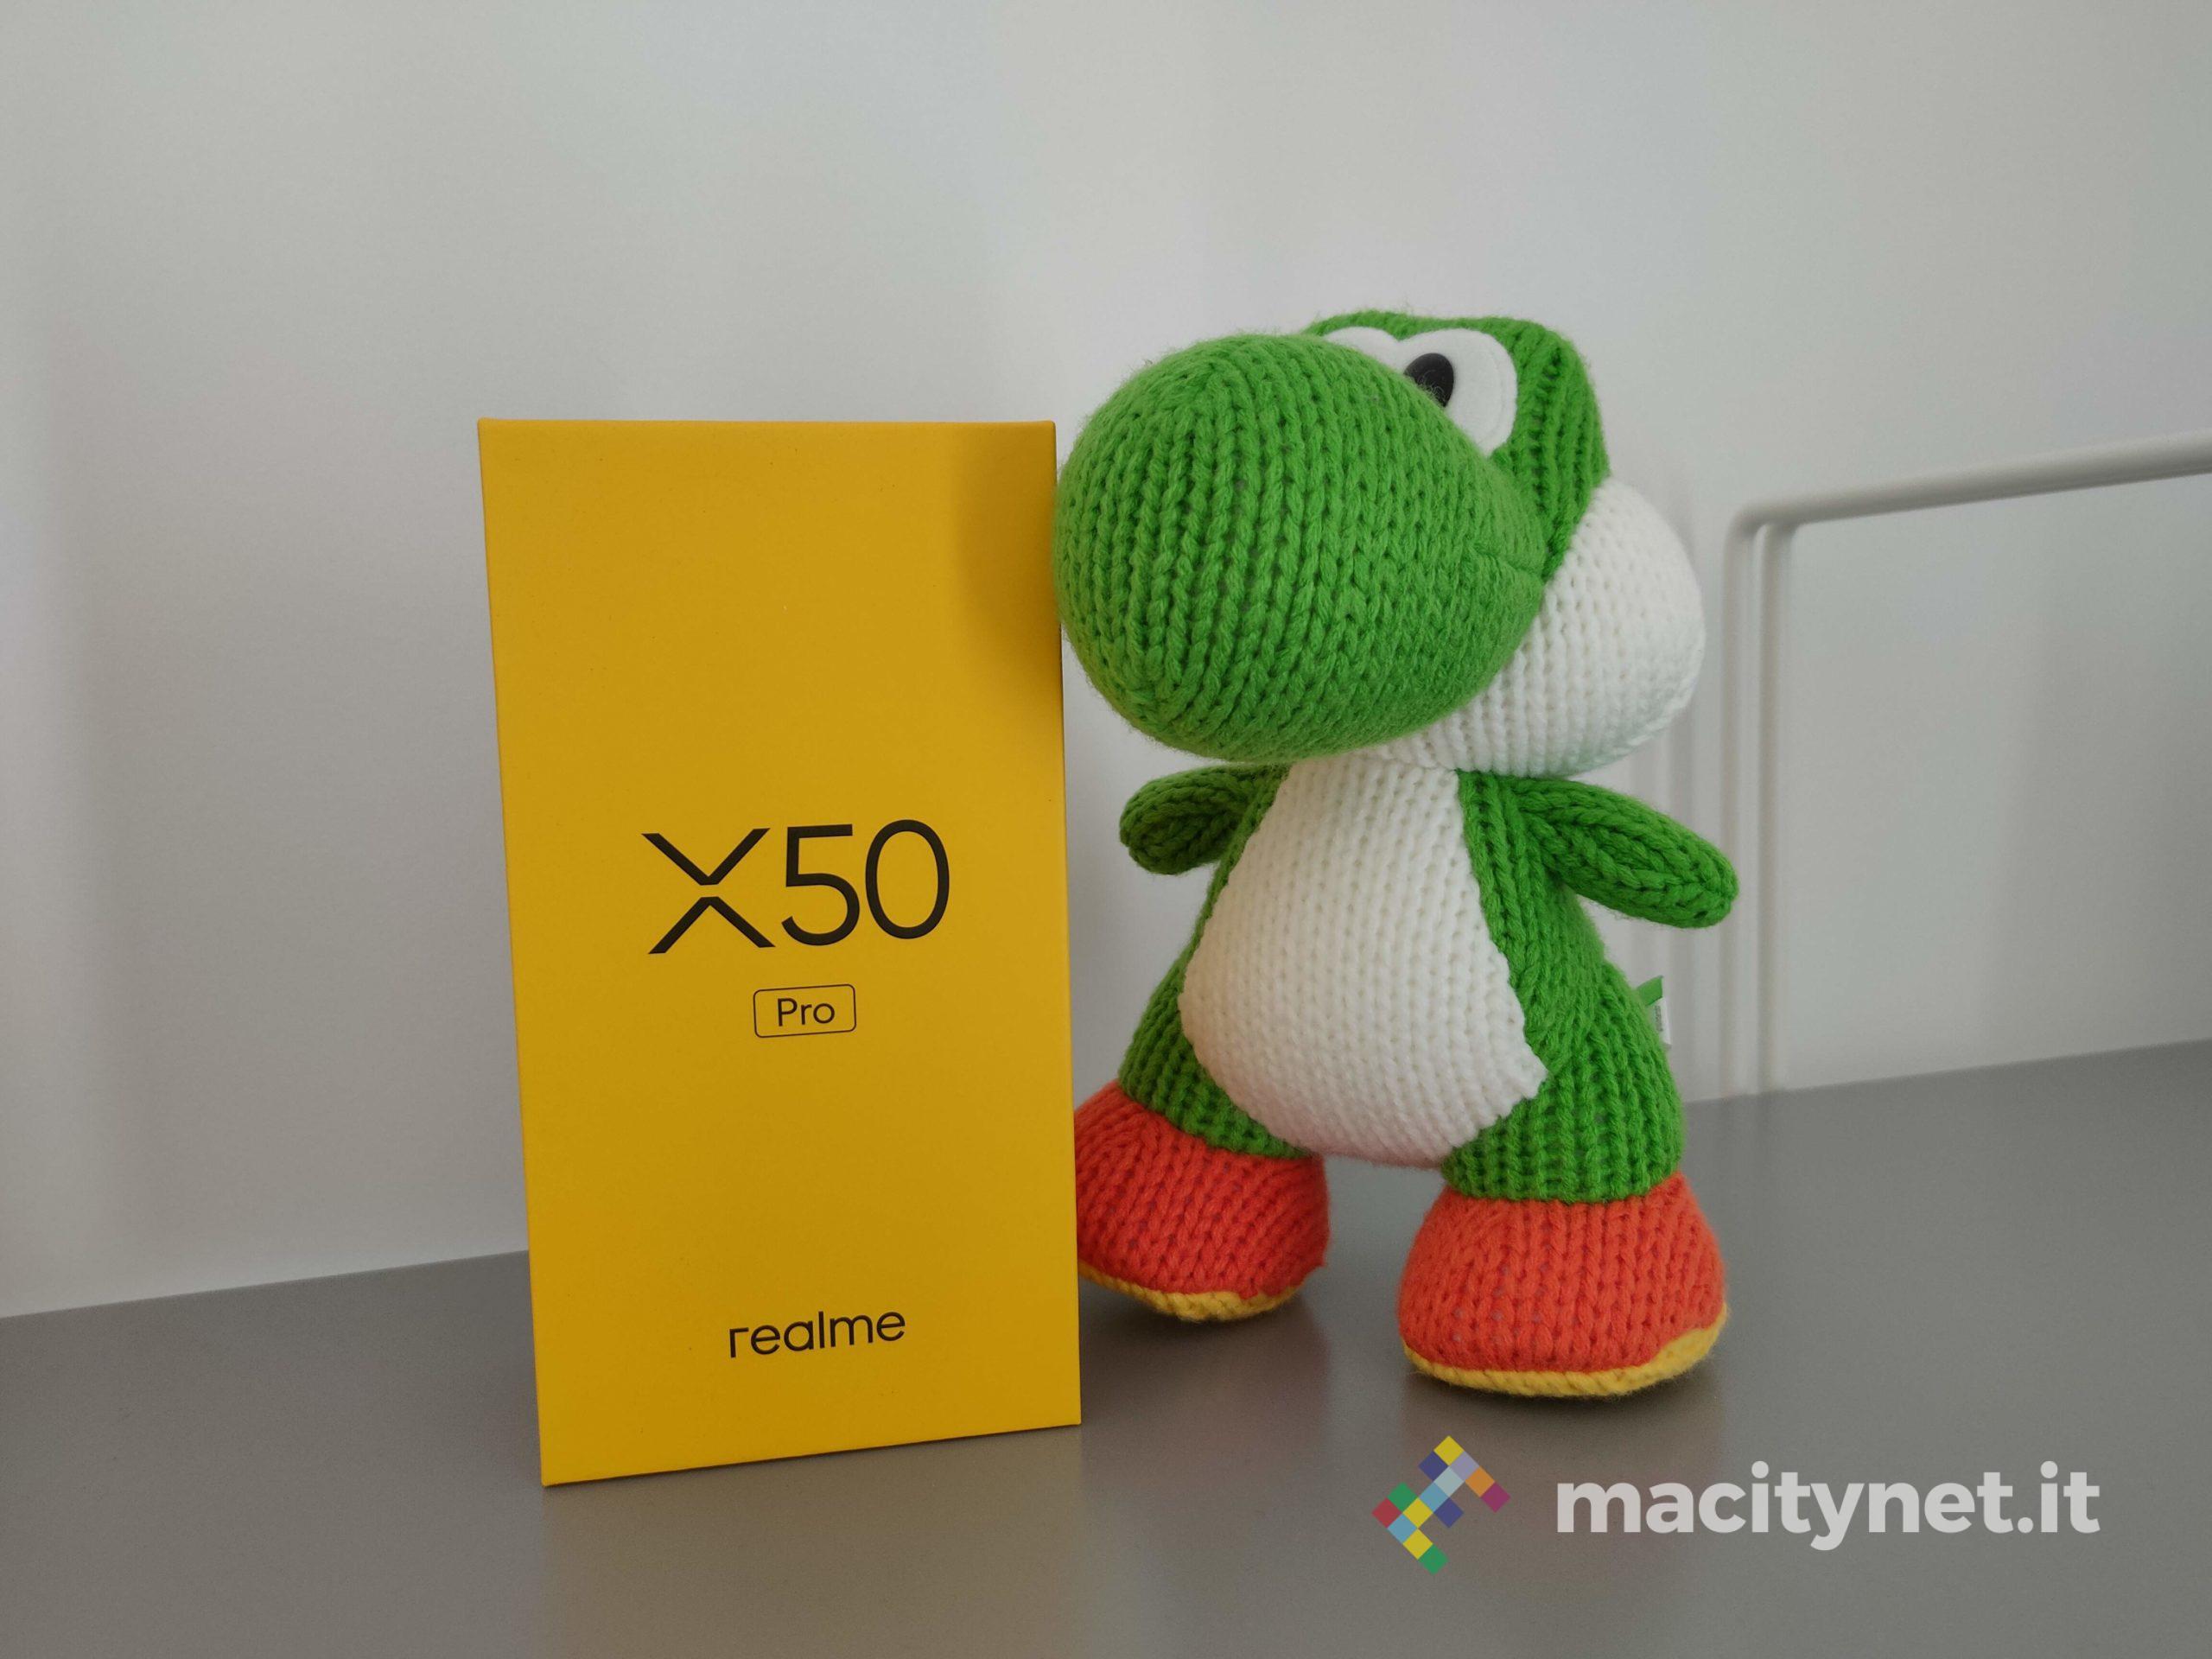 Realme X50 Pro, come scatta le foto